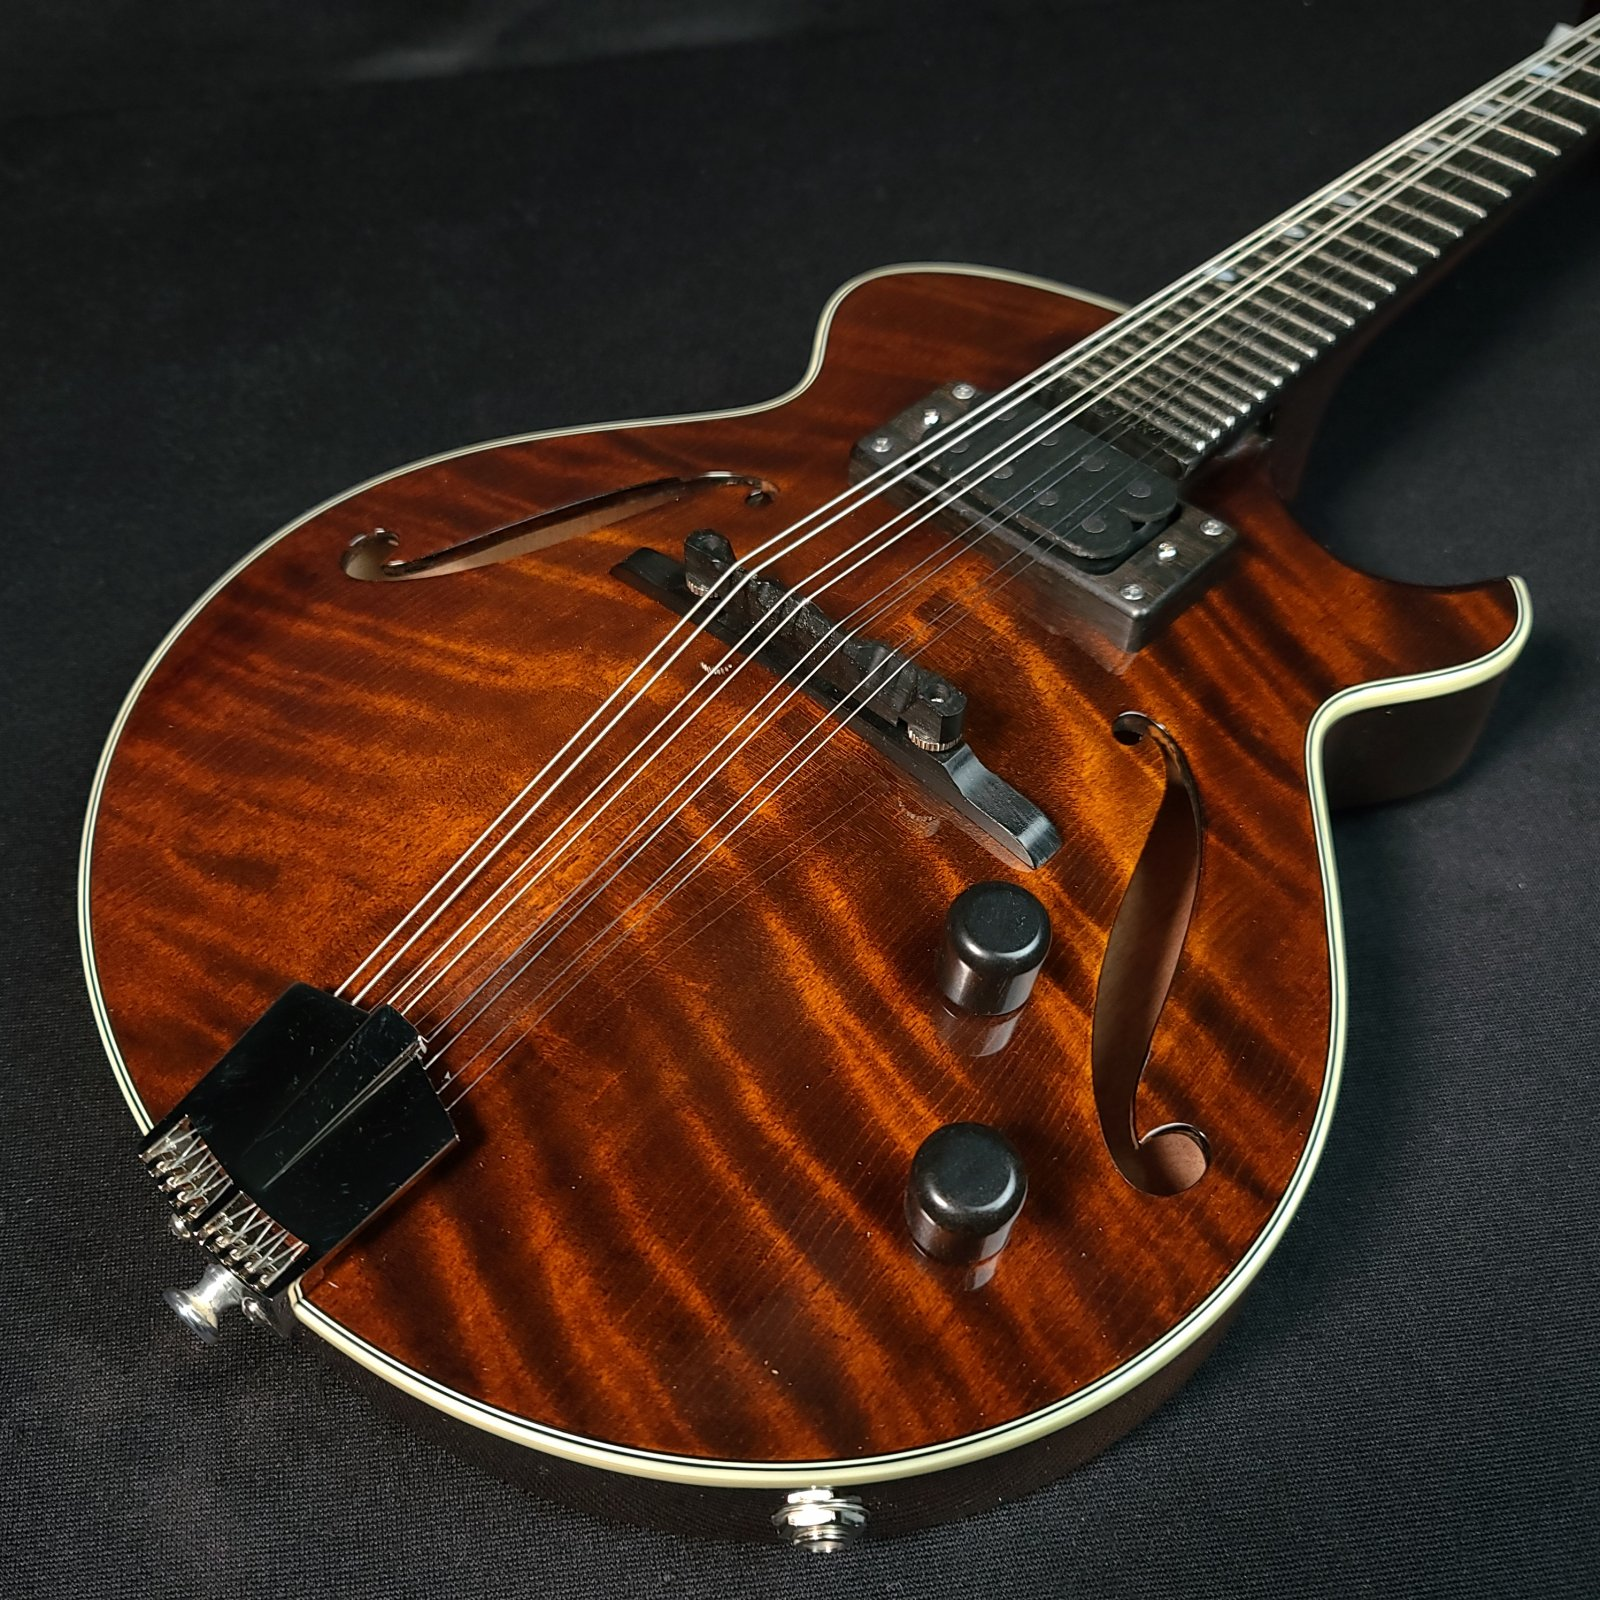 Eastman ER-M El Rey Acoustic Electric Mandolin w/Hardshell Case